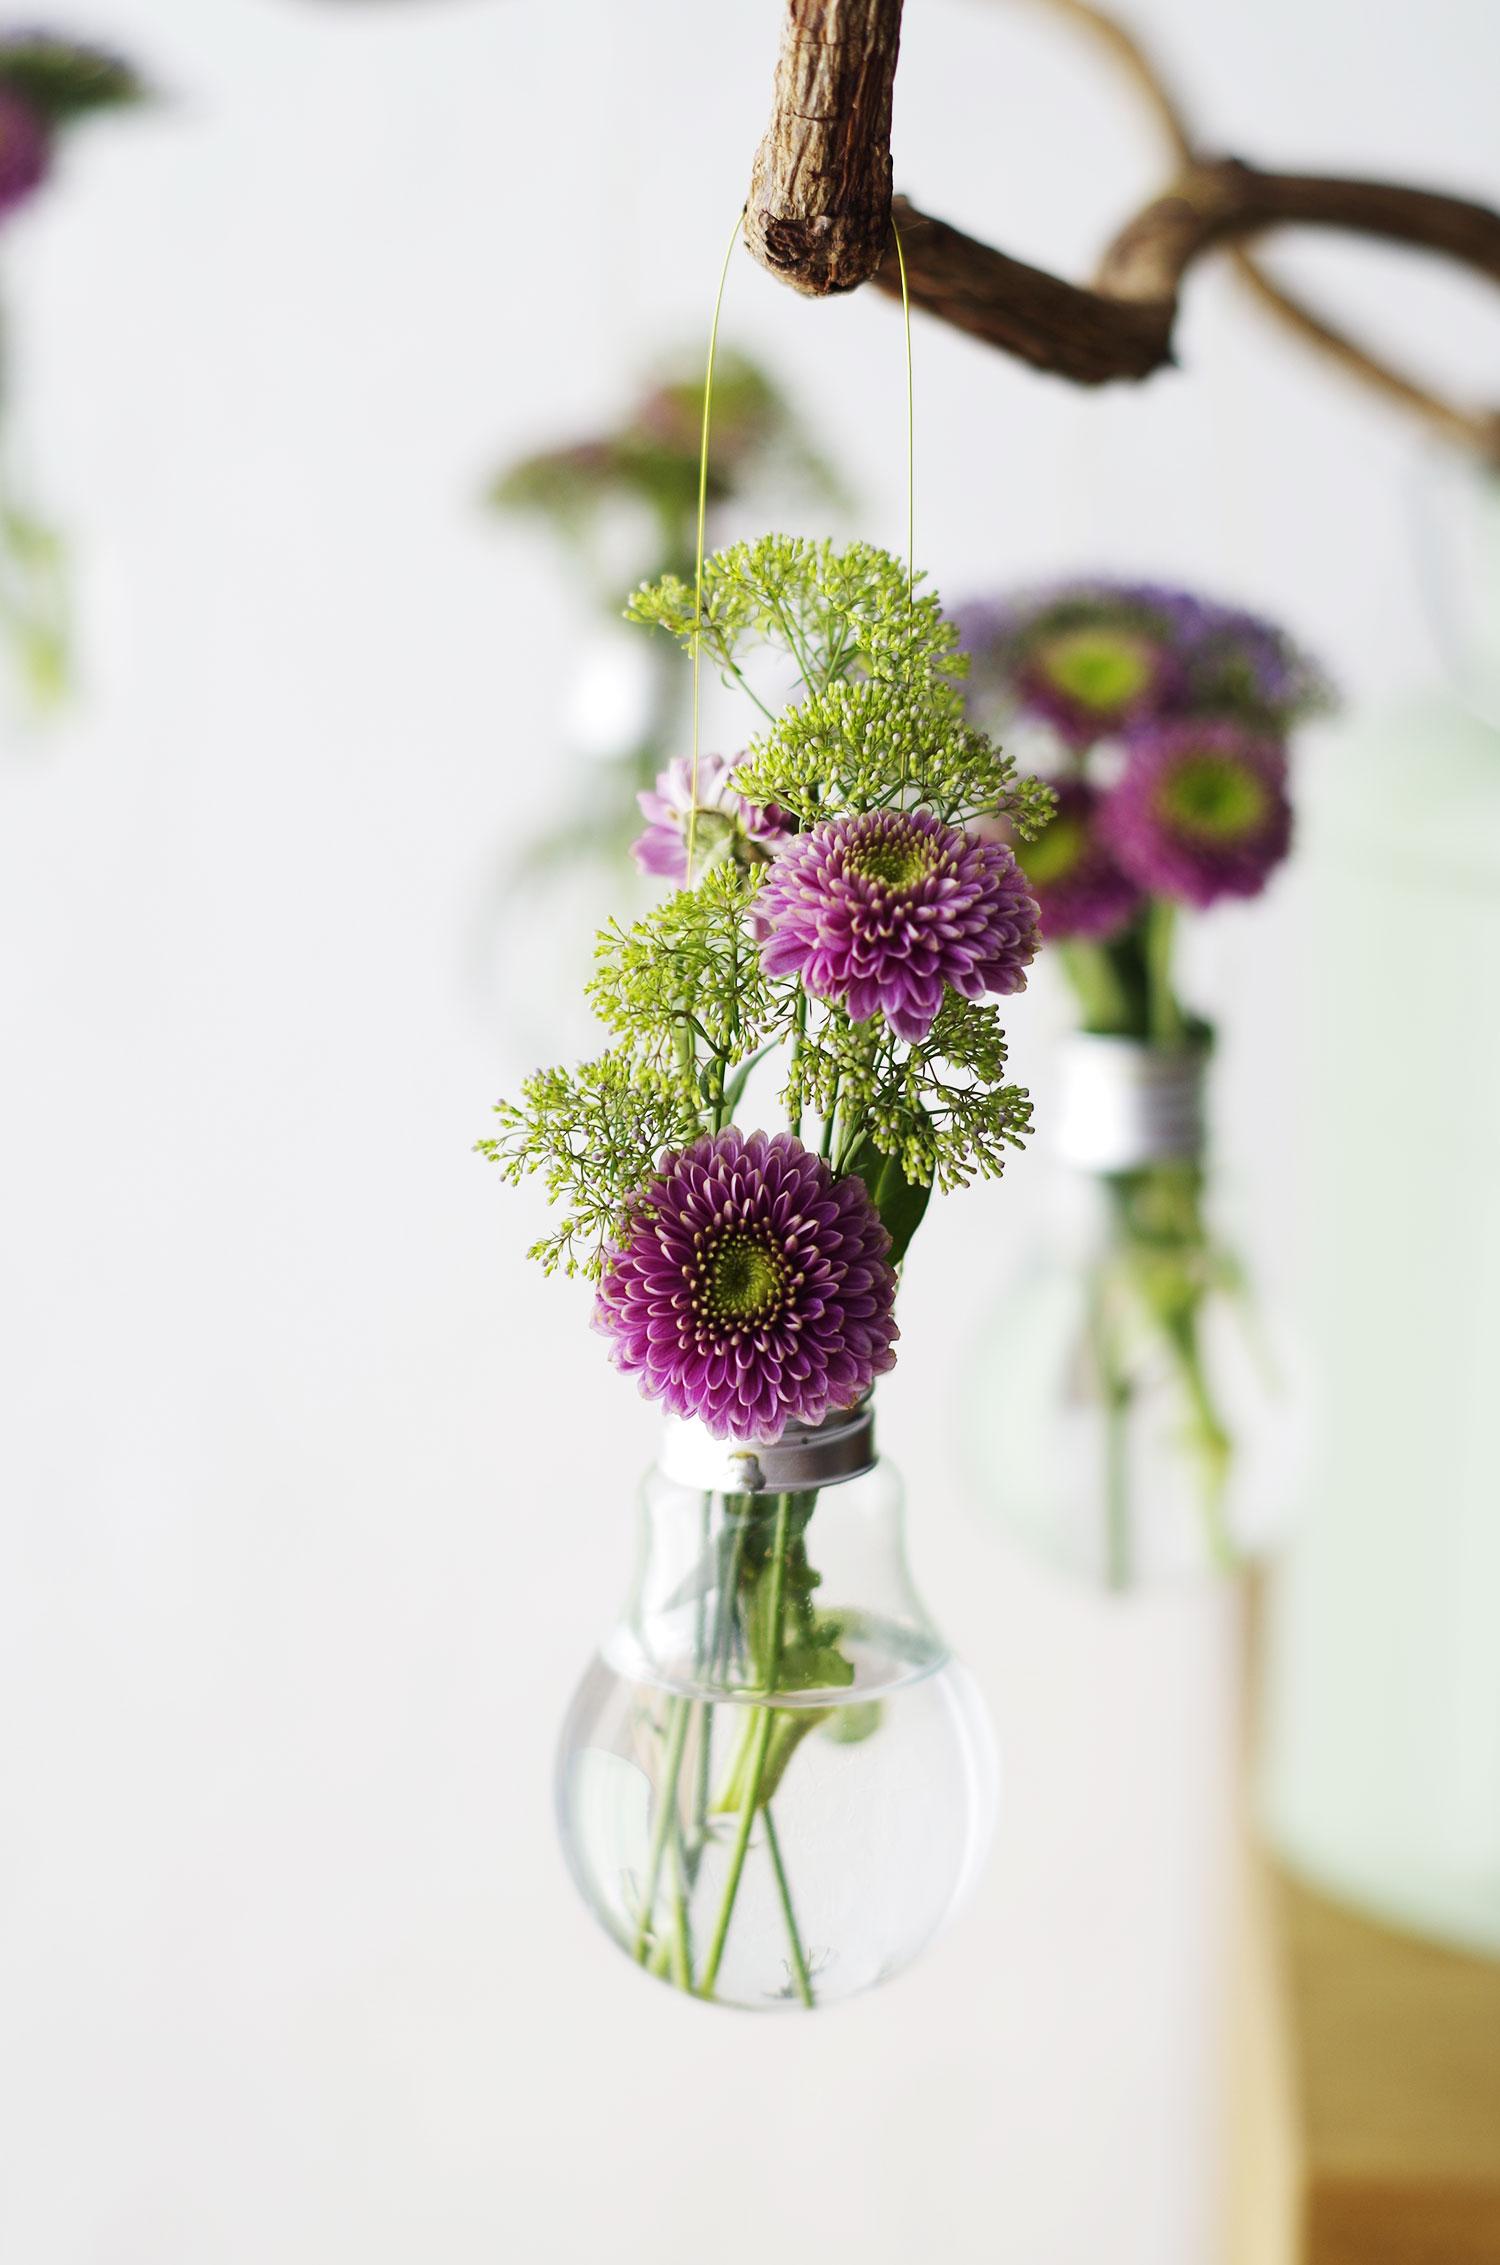 Créer des vases à partir d'ampoules usagées